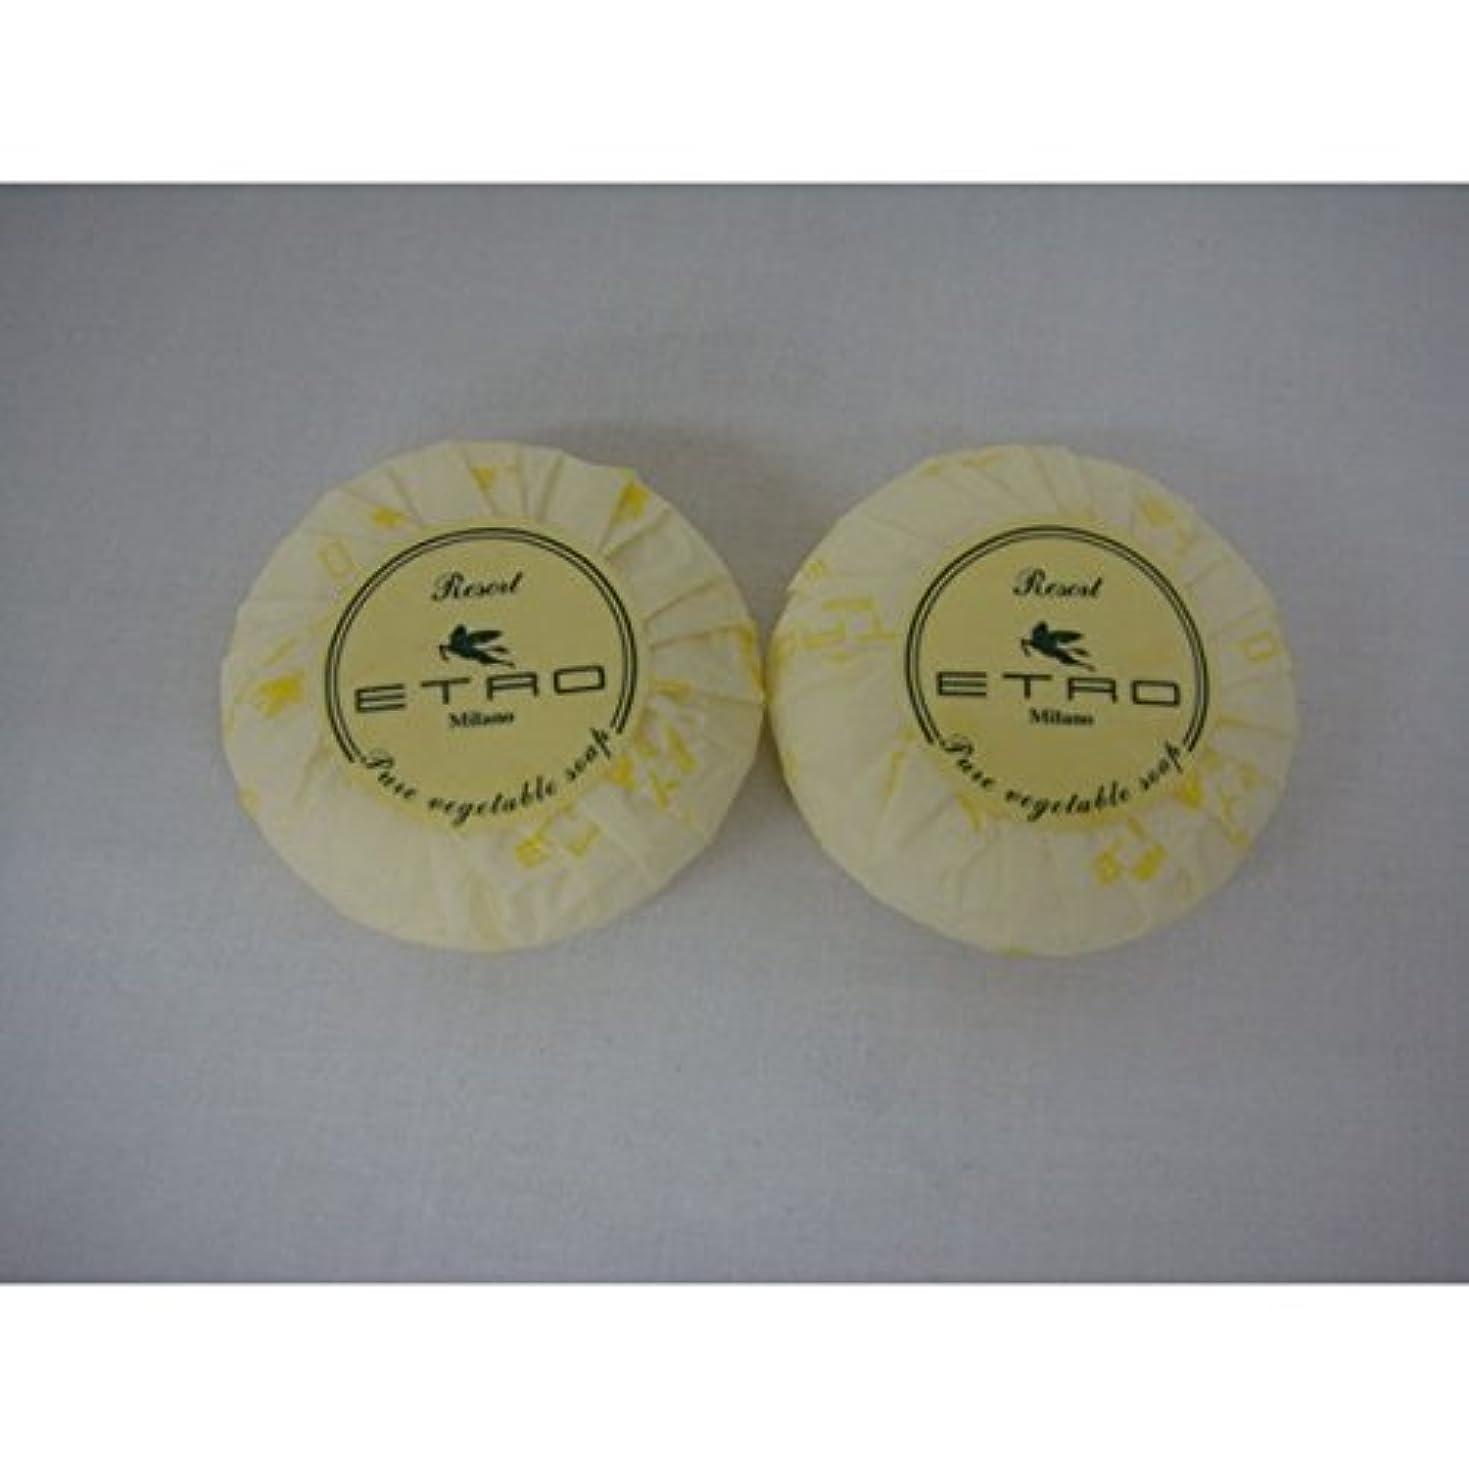 緊張する花嫁スキャンETRO エトロ ピュアベジタブルソープ 石鹸40g×2個